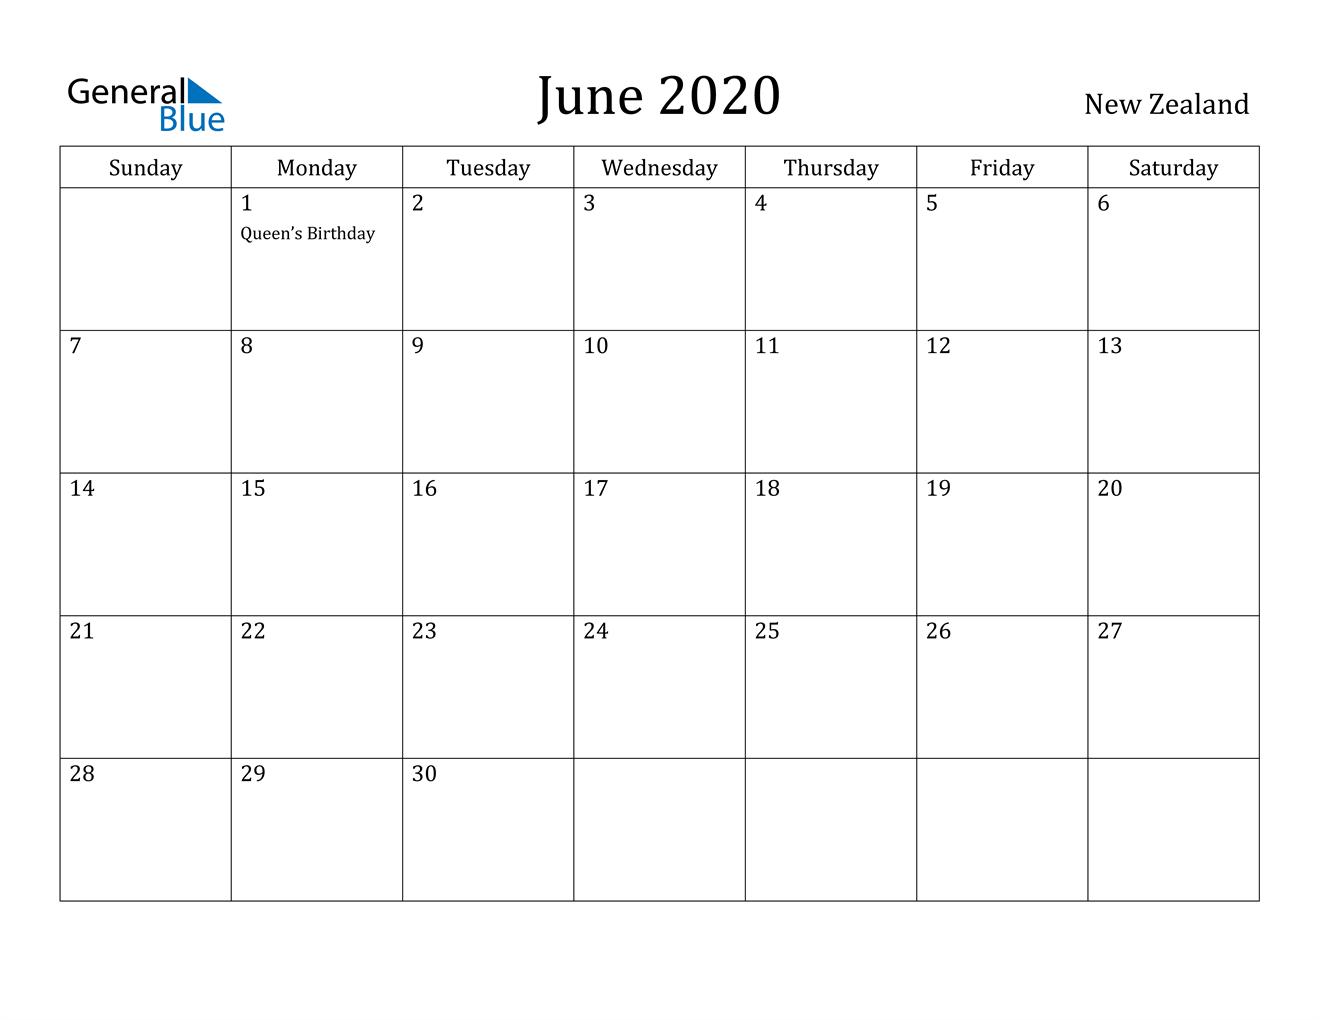 June 2020 Calendar - New Zealand